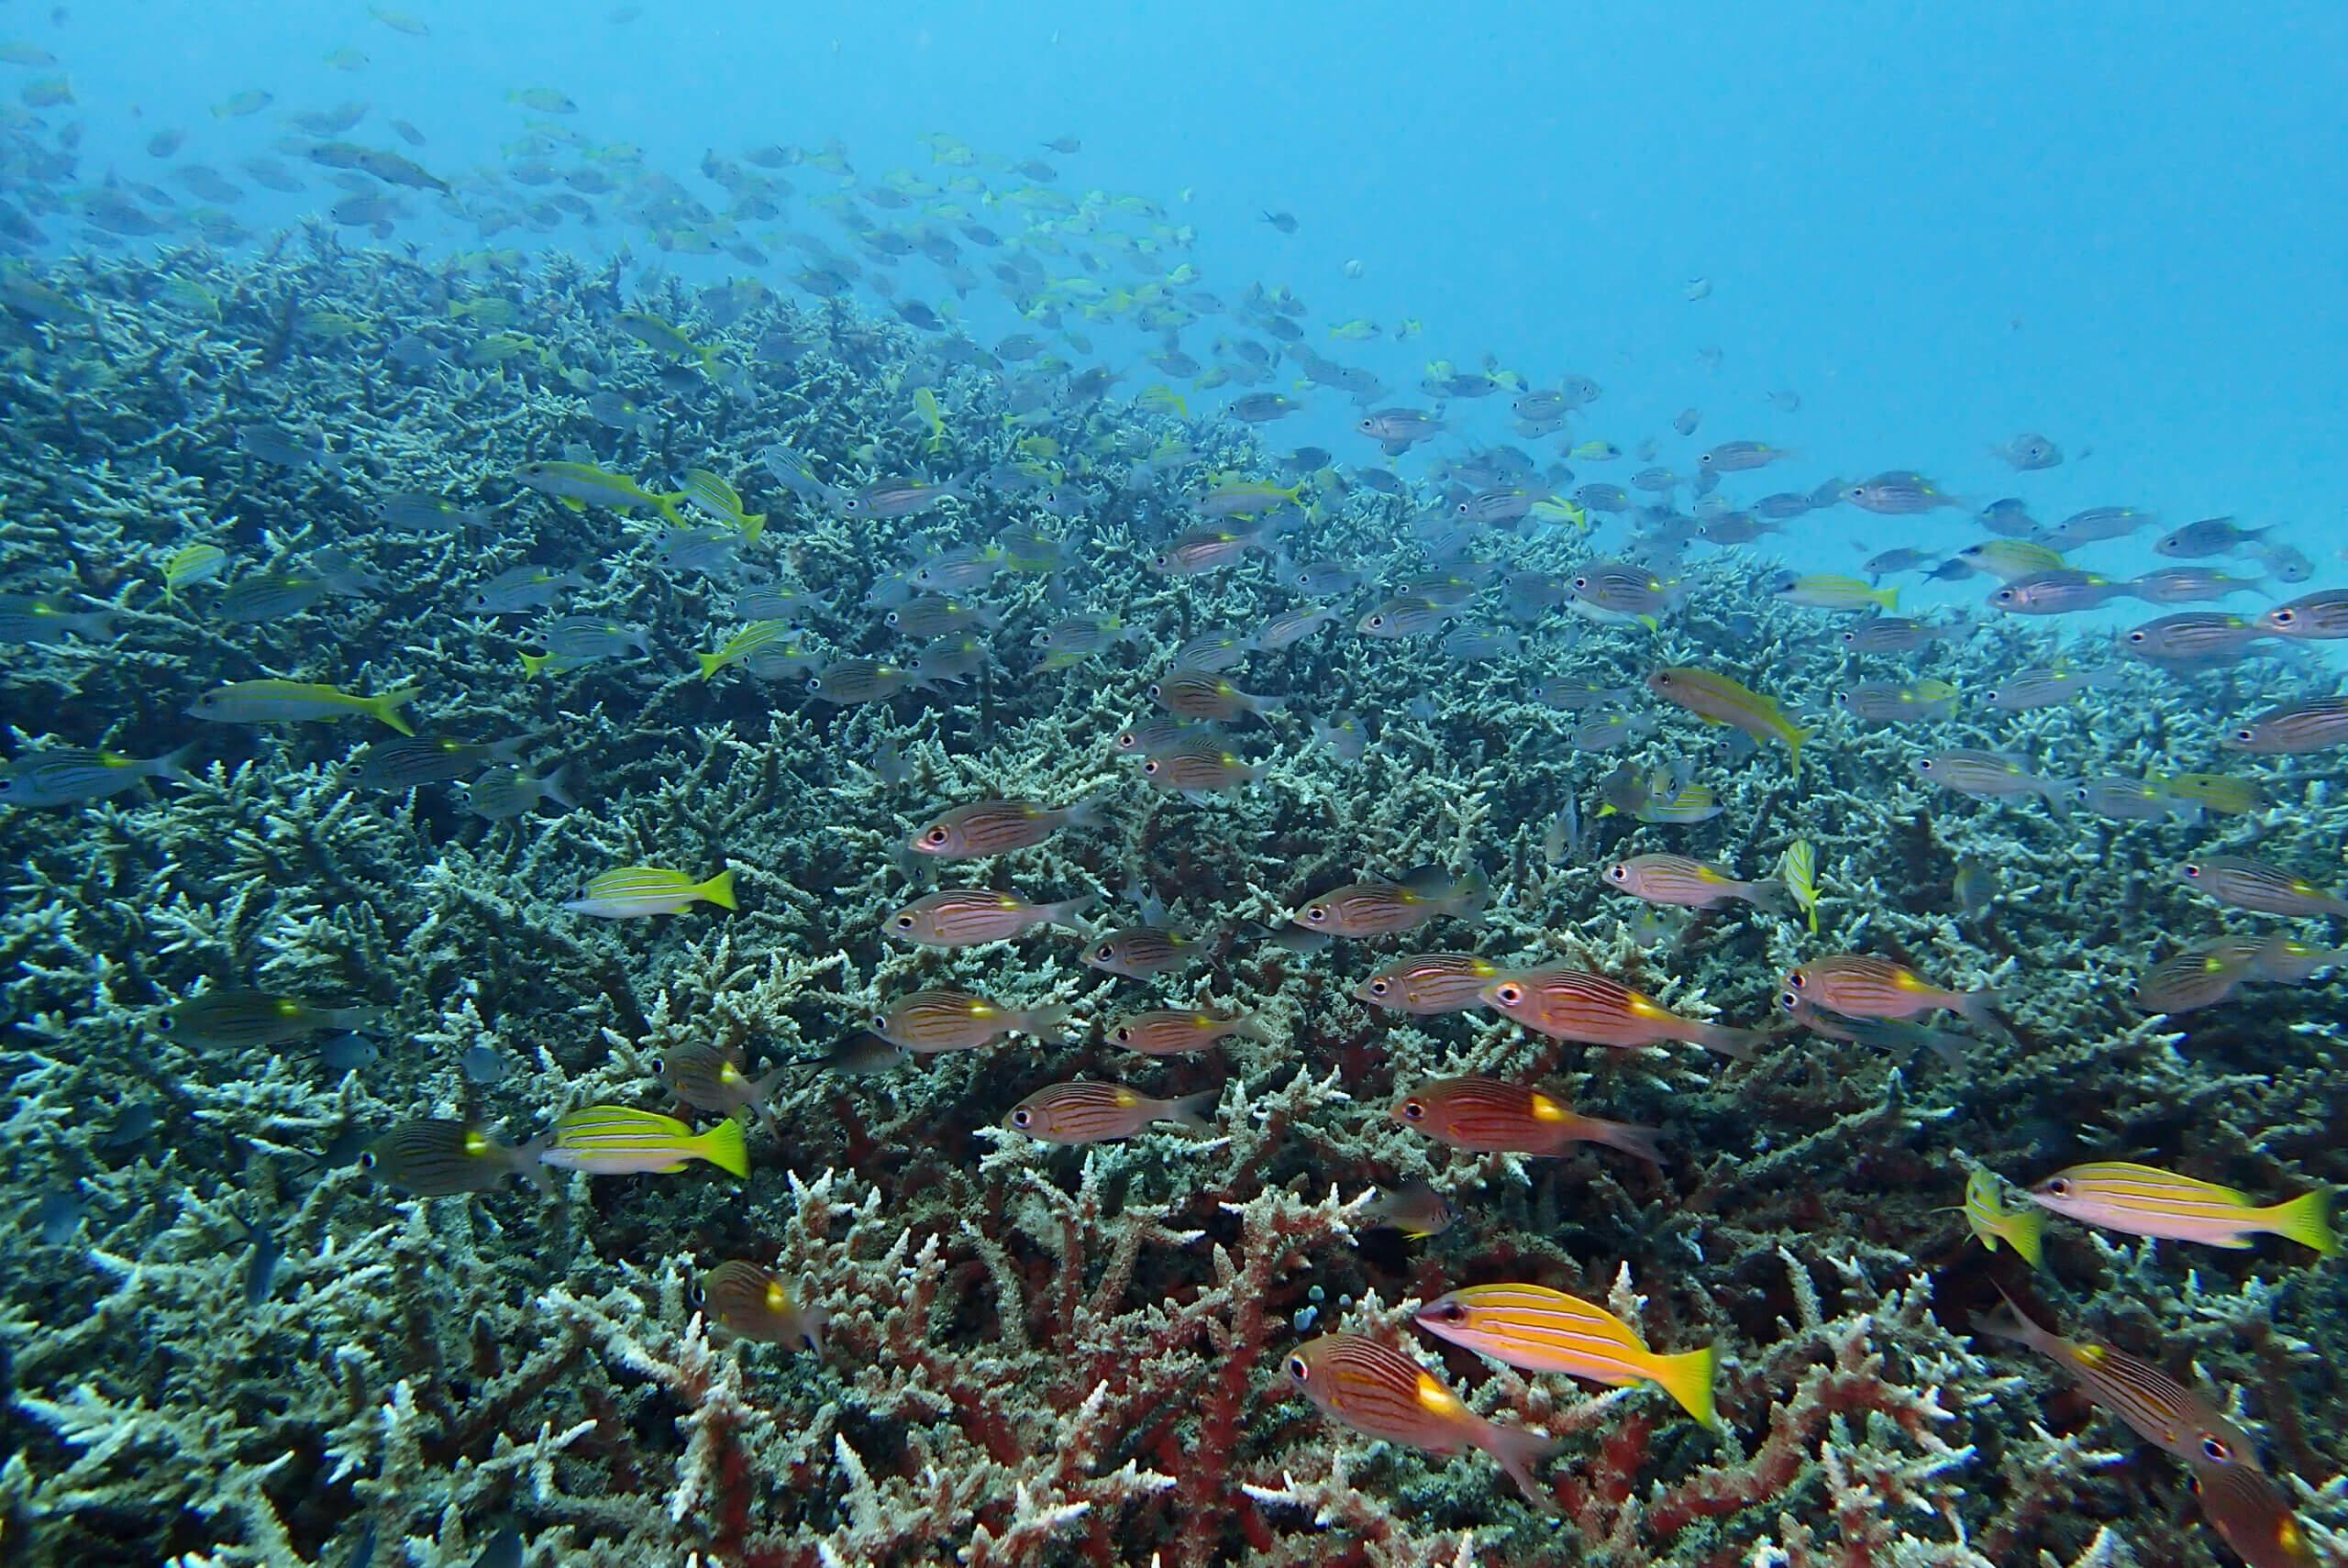 エダサンゴの群生